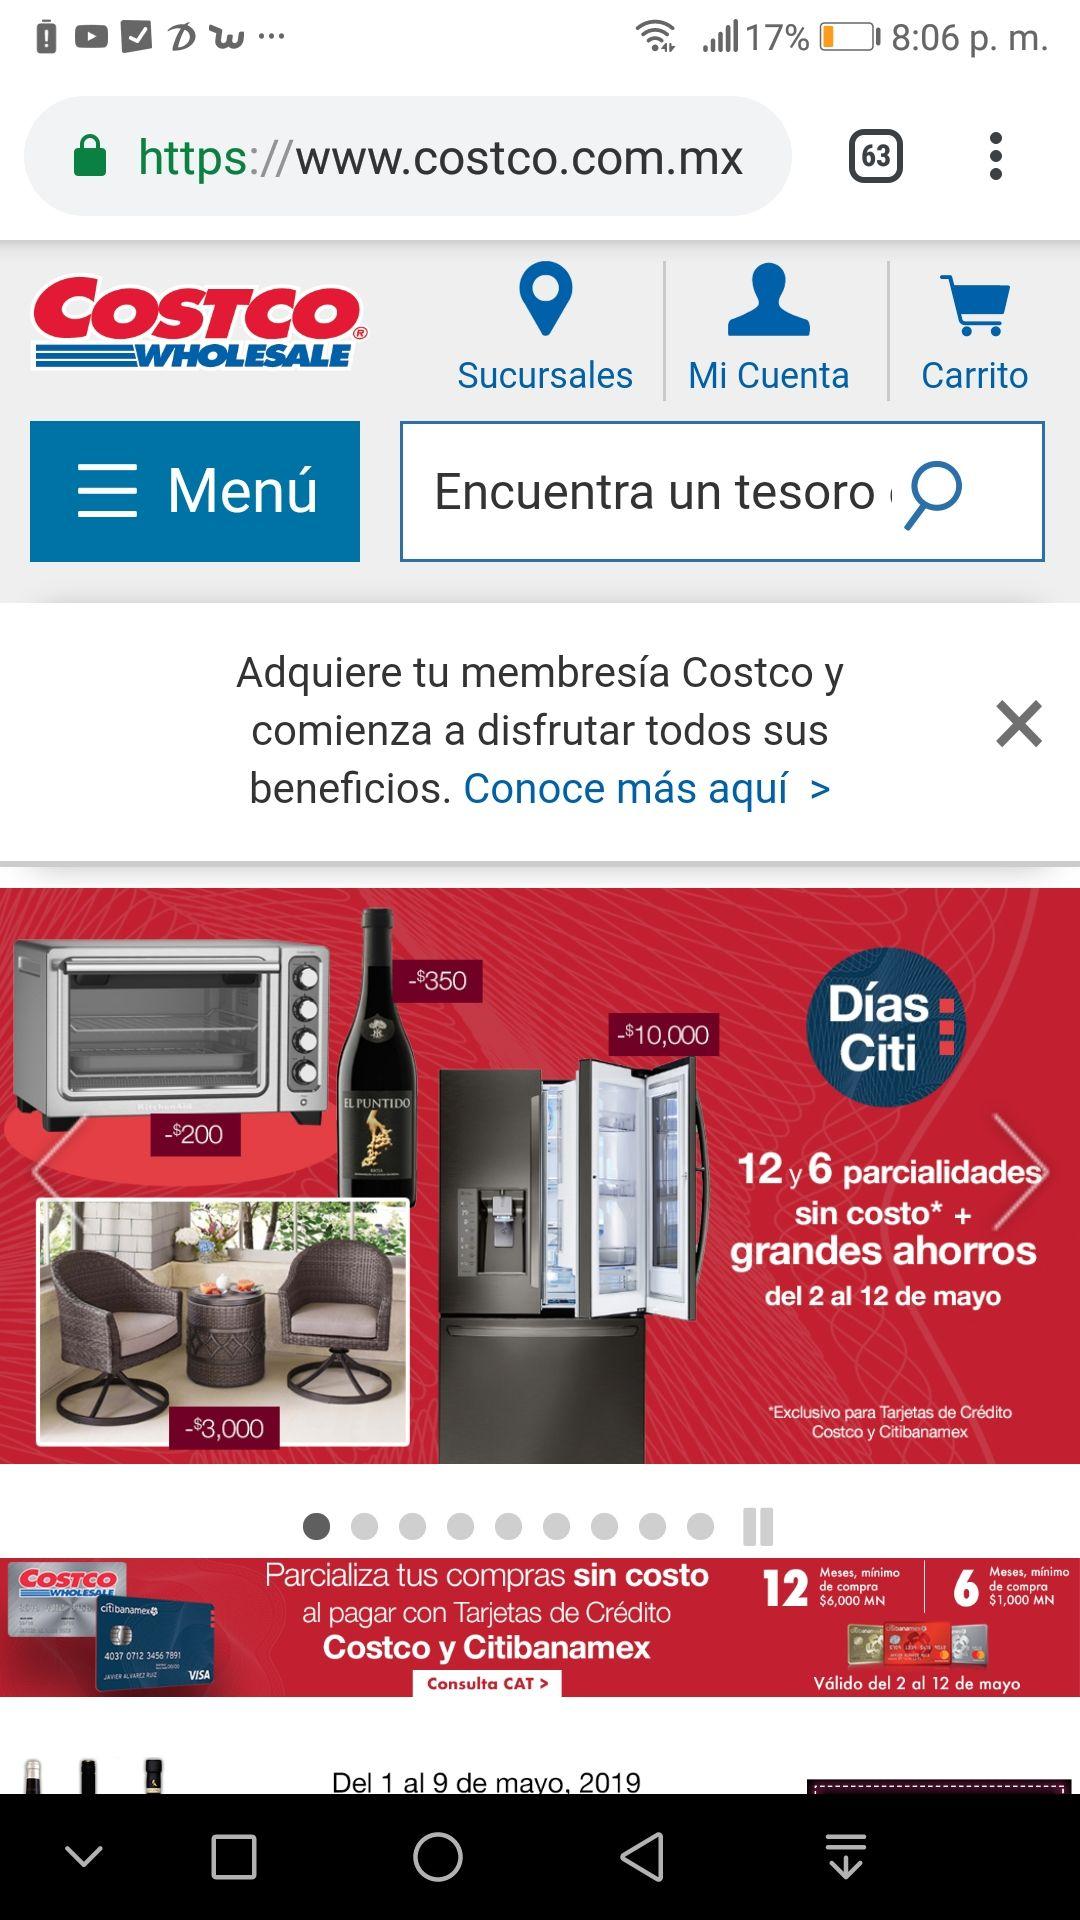 Costco: 6 y 12 Parcialidades sin costo (con tarjeta de crédito Costco y Citibanamex)